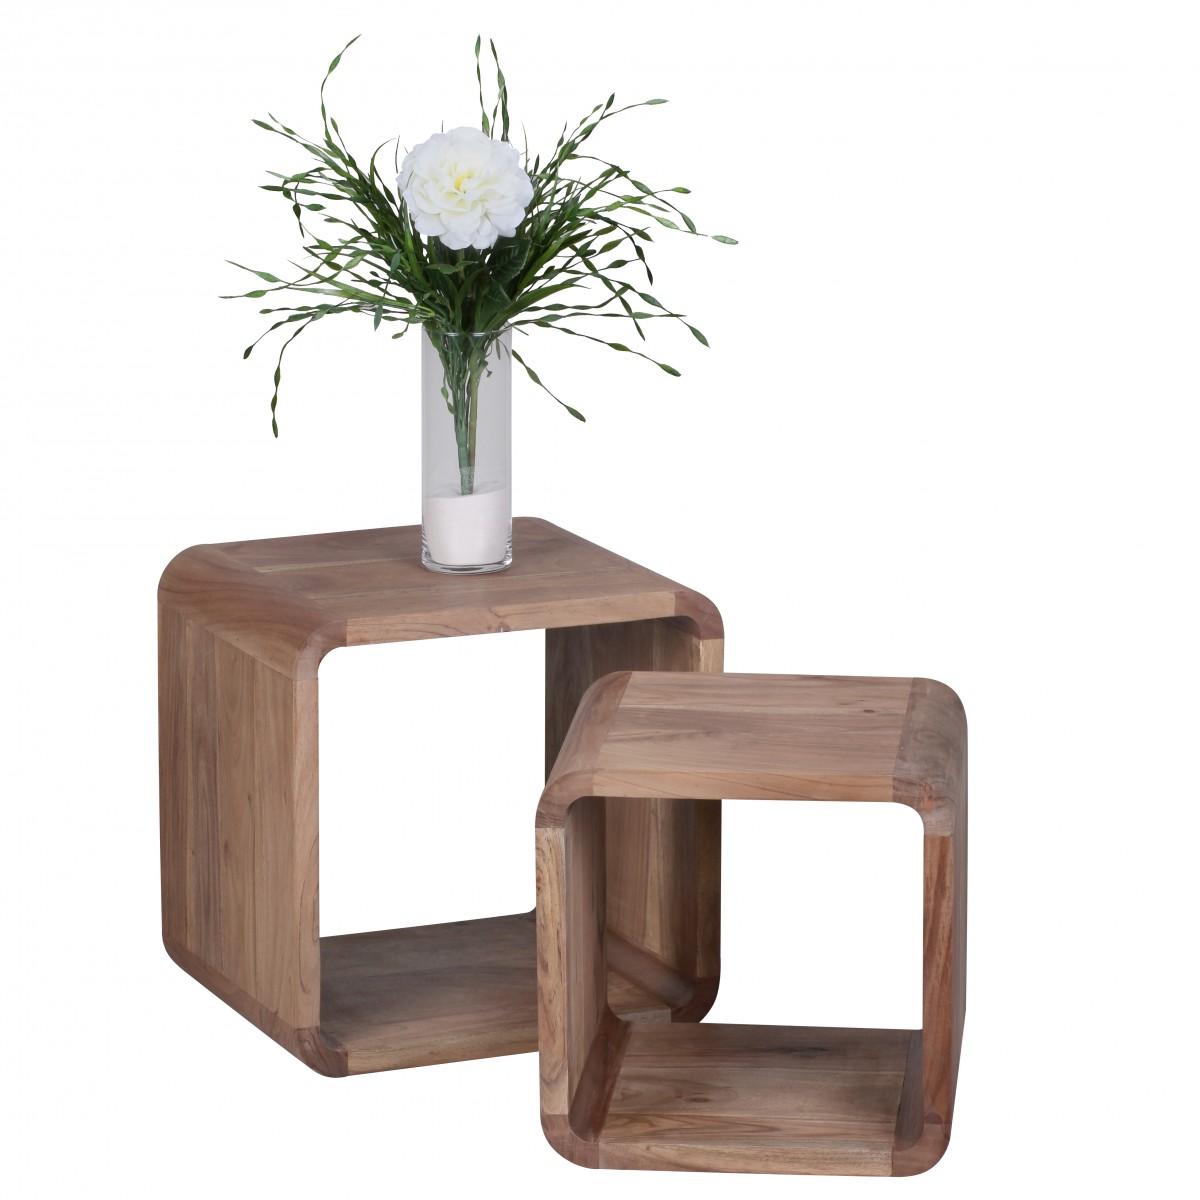 Odkládací stolky Boha, 43 cm, sada 2 ks, masiv akát